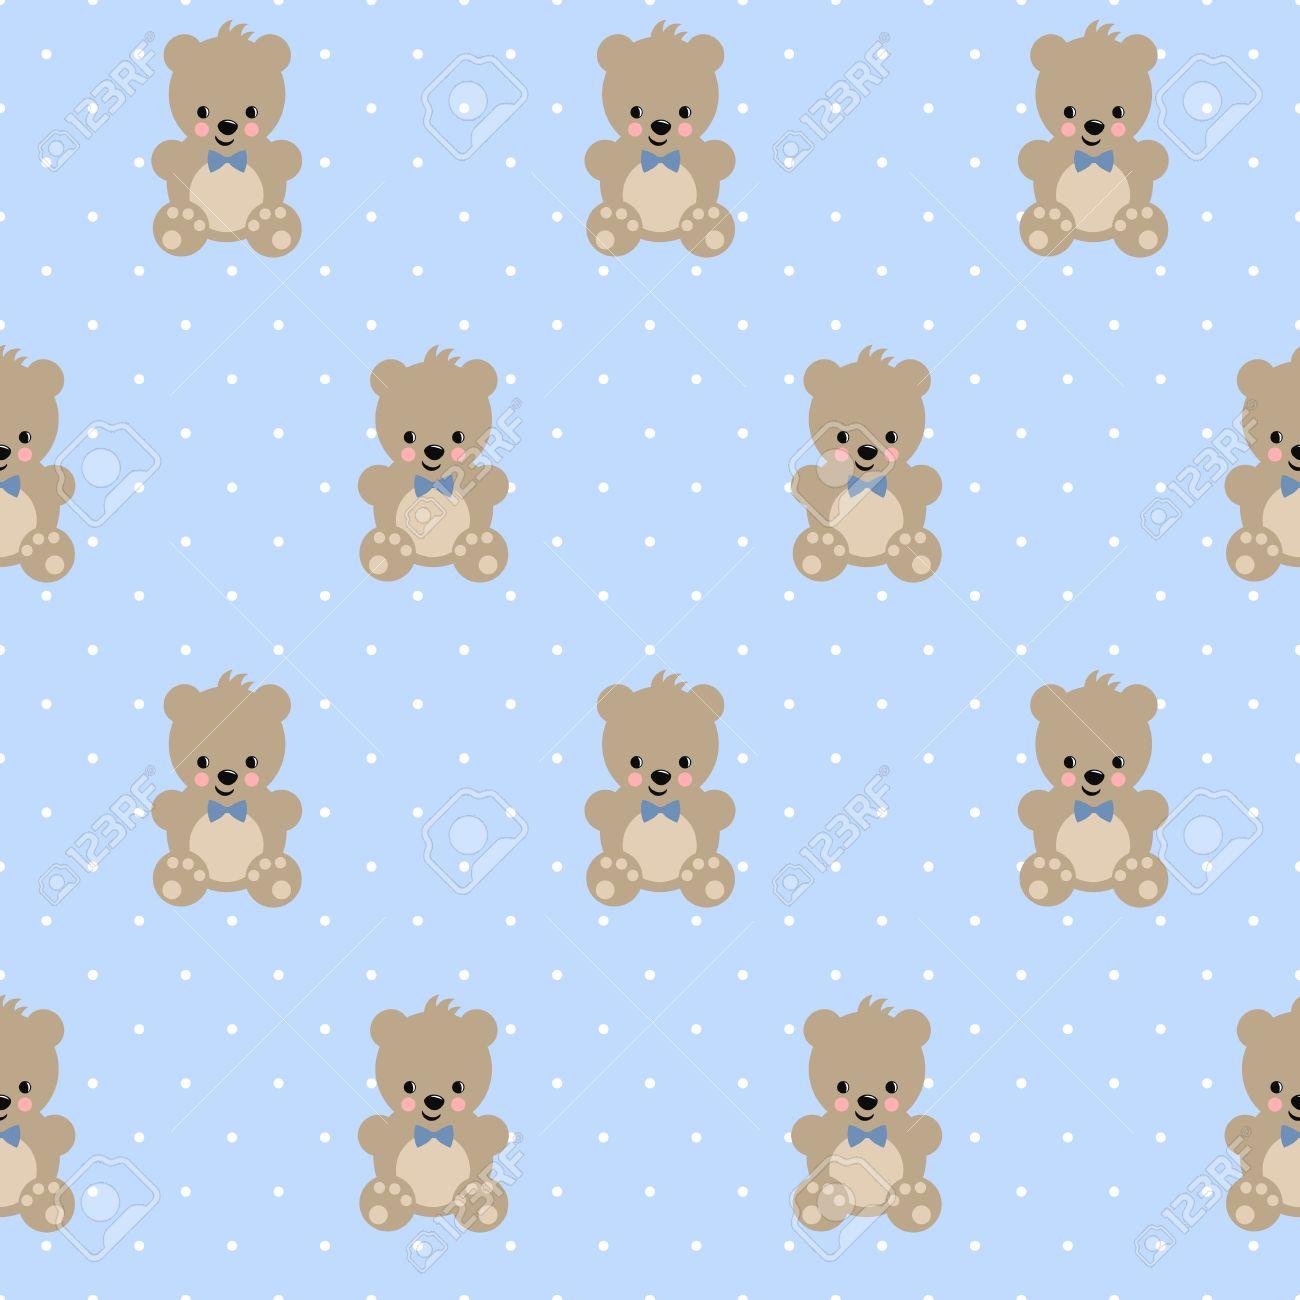 テディベア水色水玉の背景にシームレス パターン クマの赤ちゃん